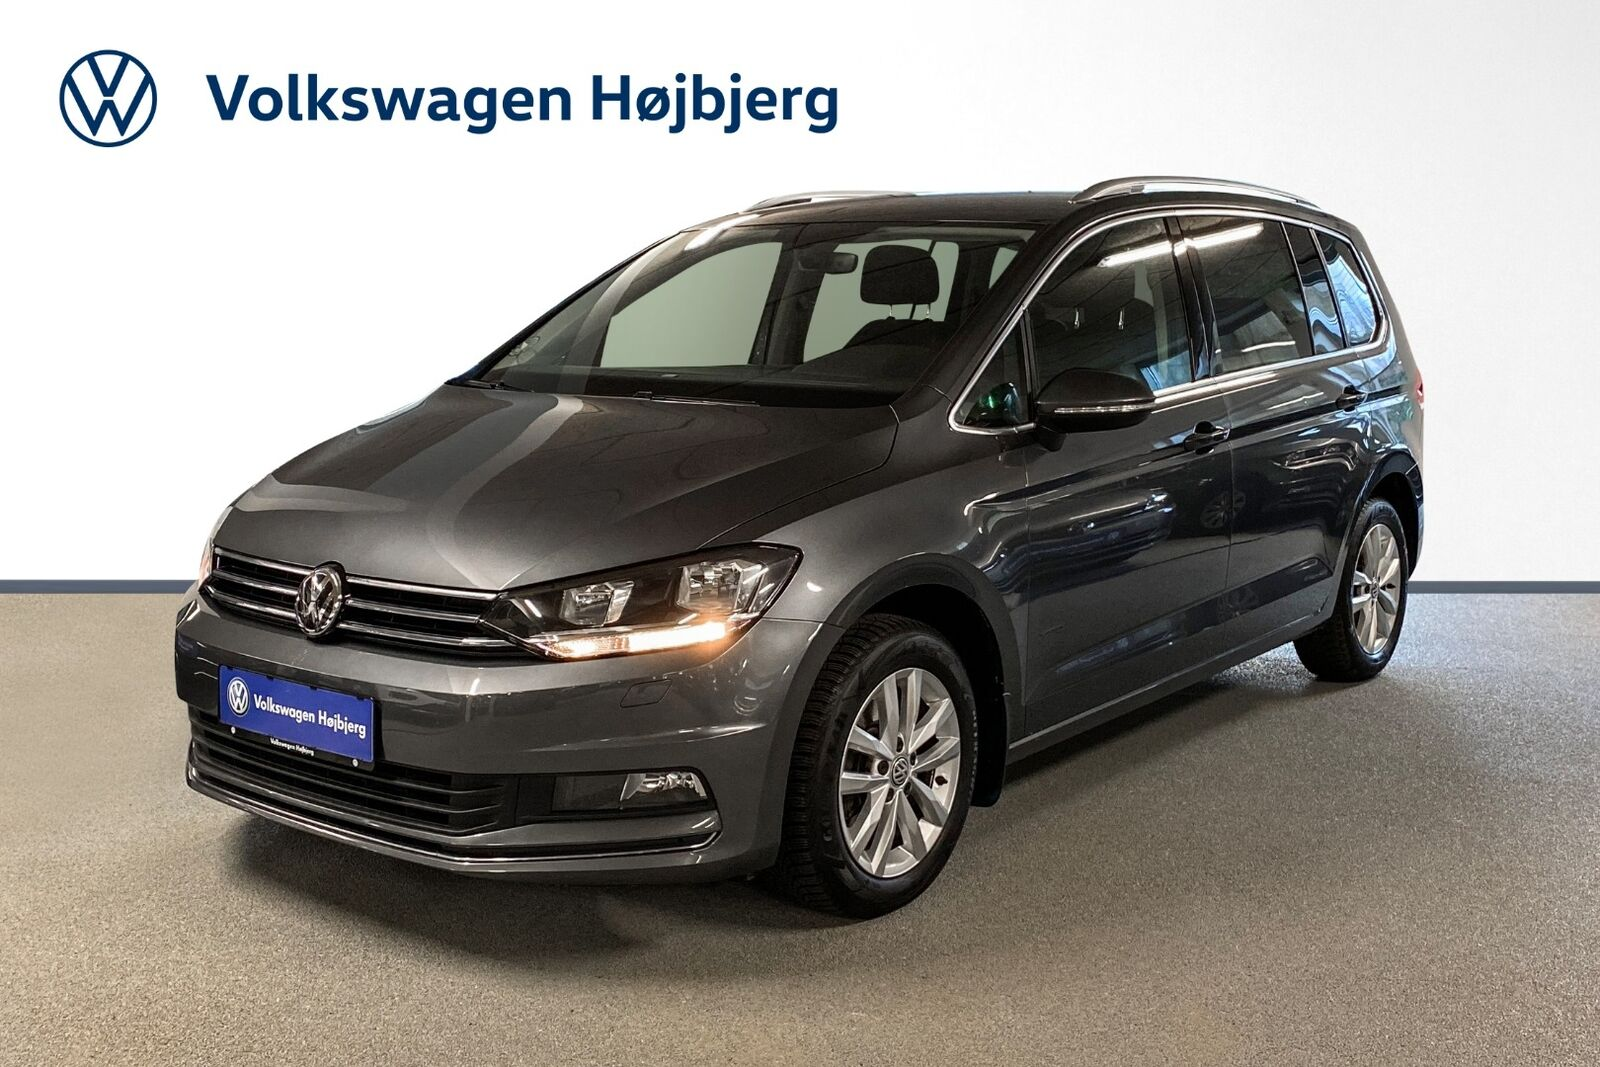 VW Touran 1,4 TSi 150 Highline DSG 7prs 5d - 334.900 kr.